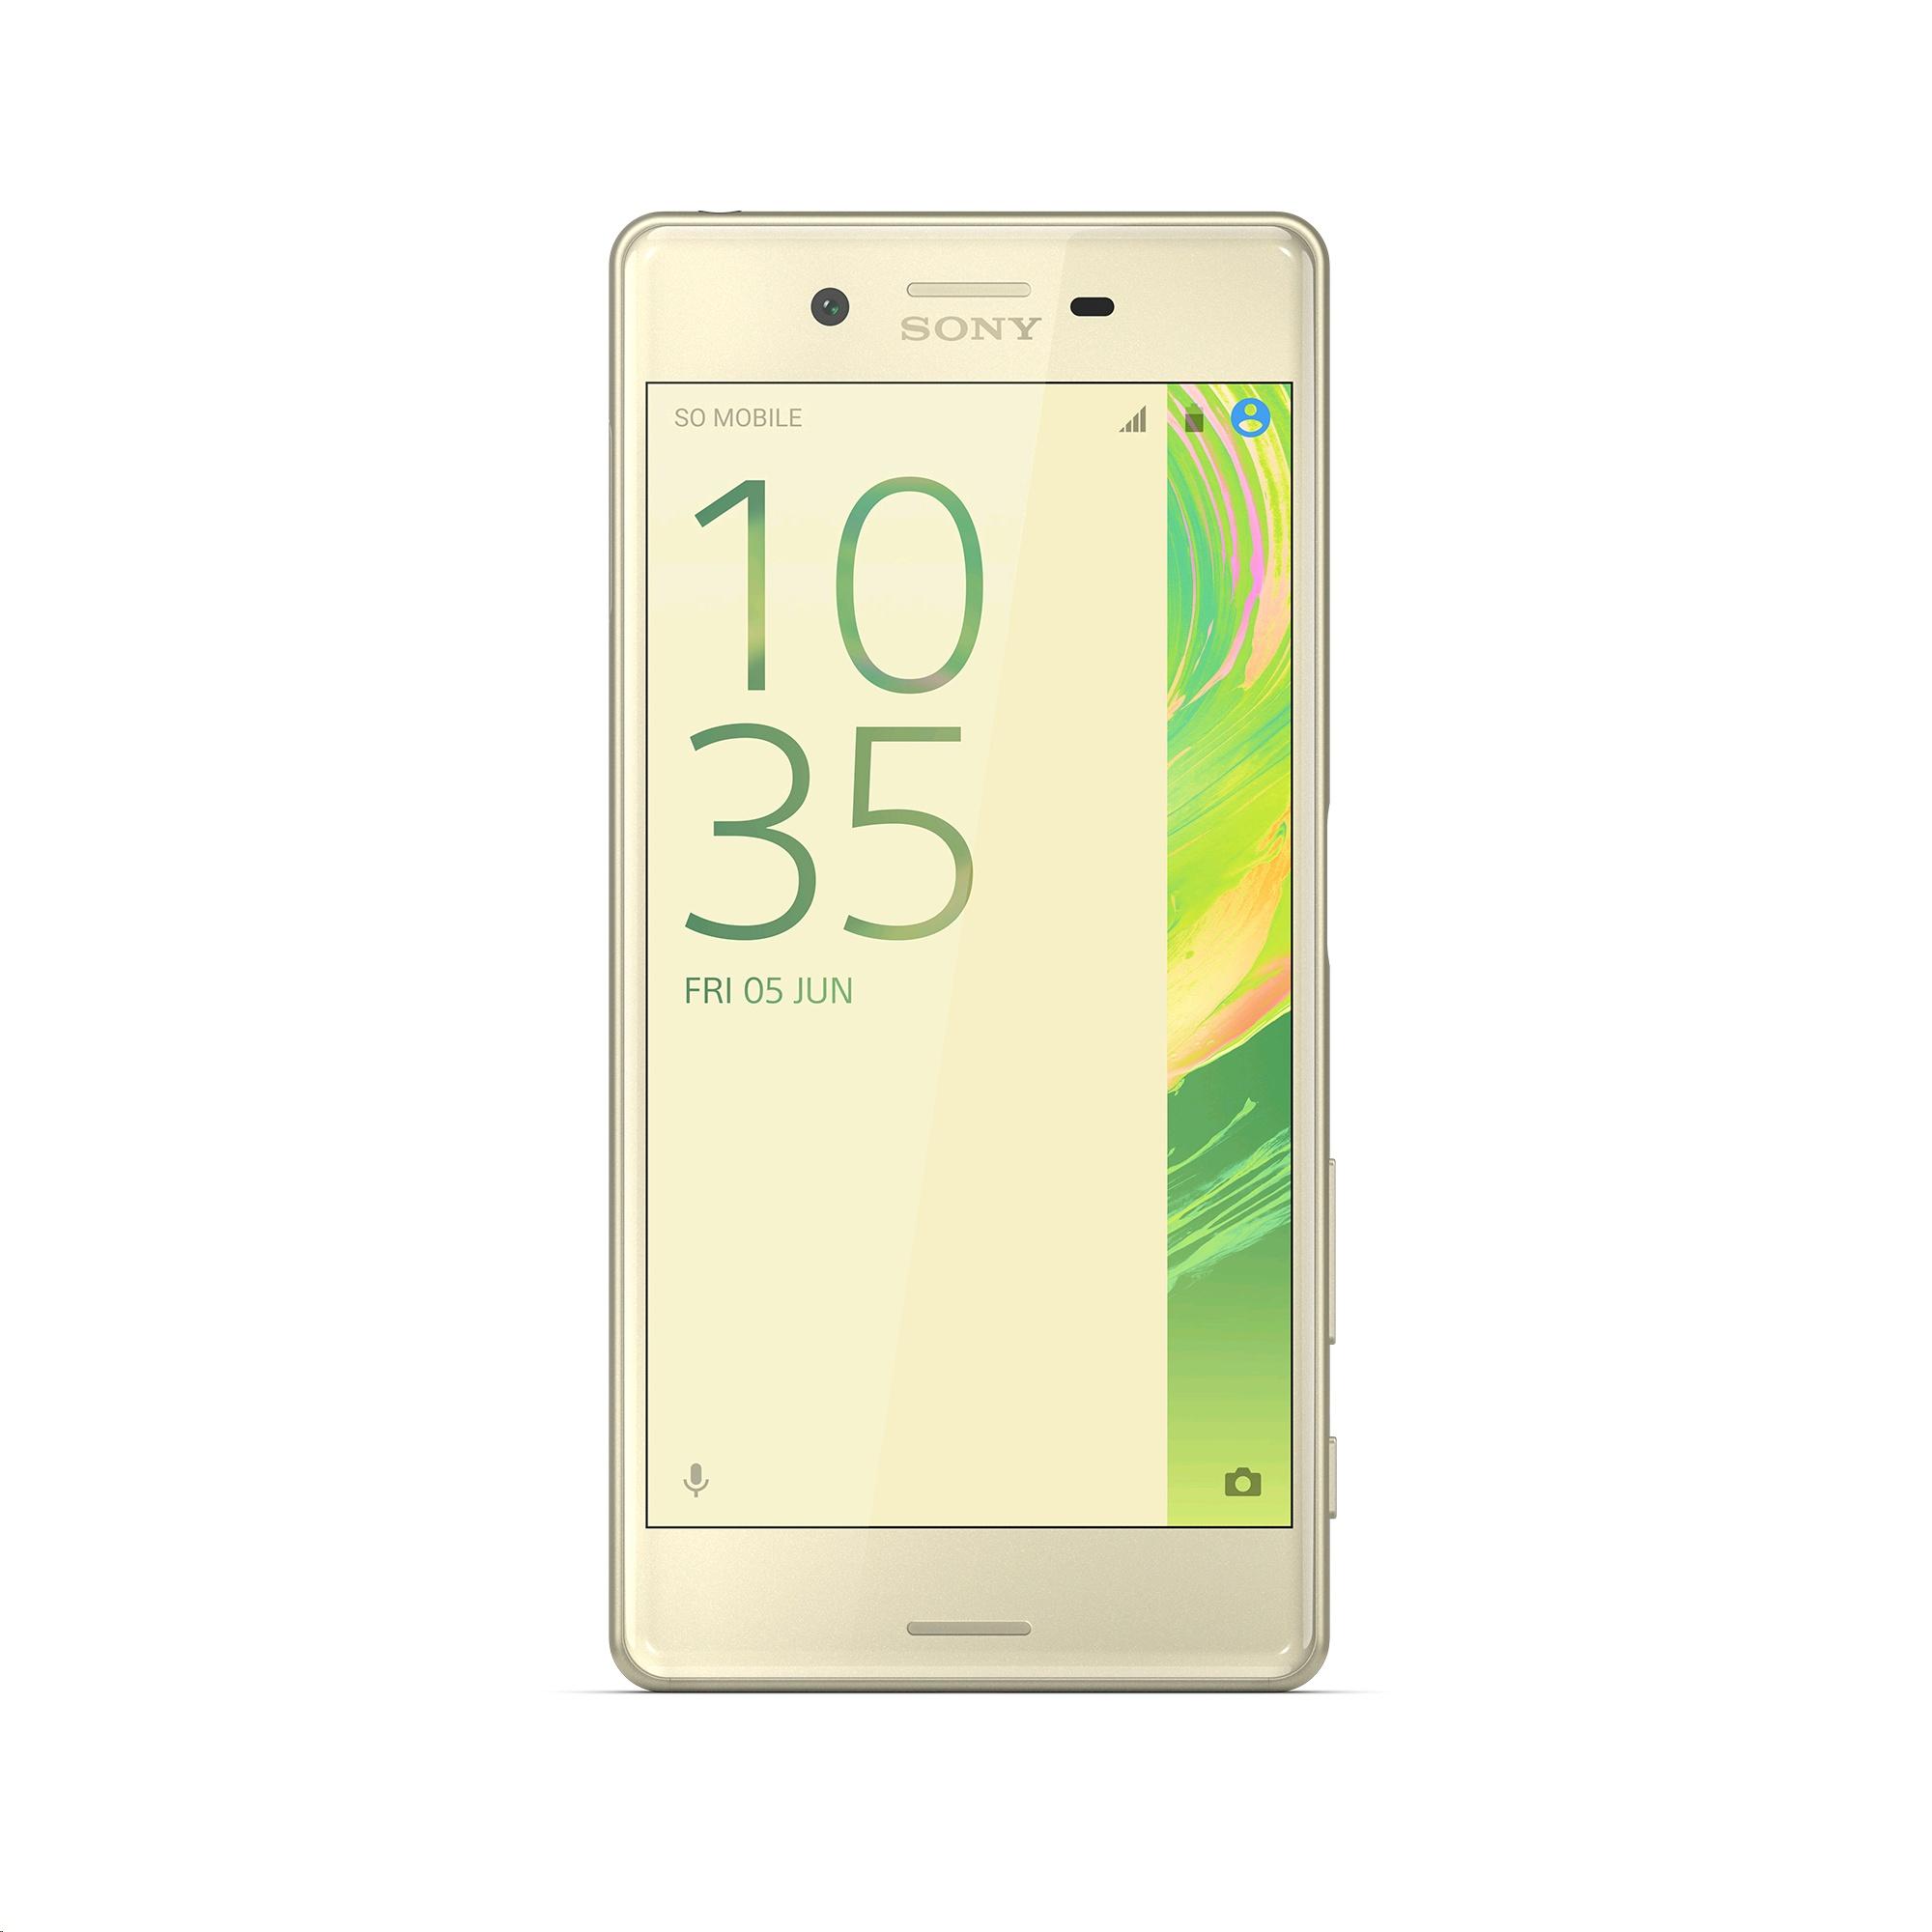 Мобильный телефон Sony F8132 Xperia X Performance Dual Lime GoldМобильные телефоны<br><br>